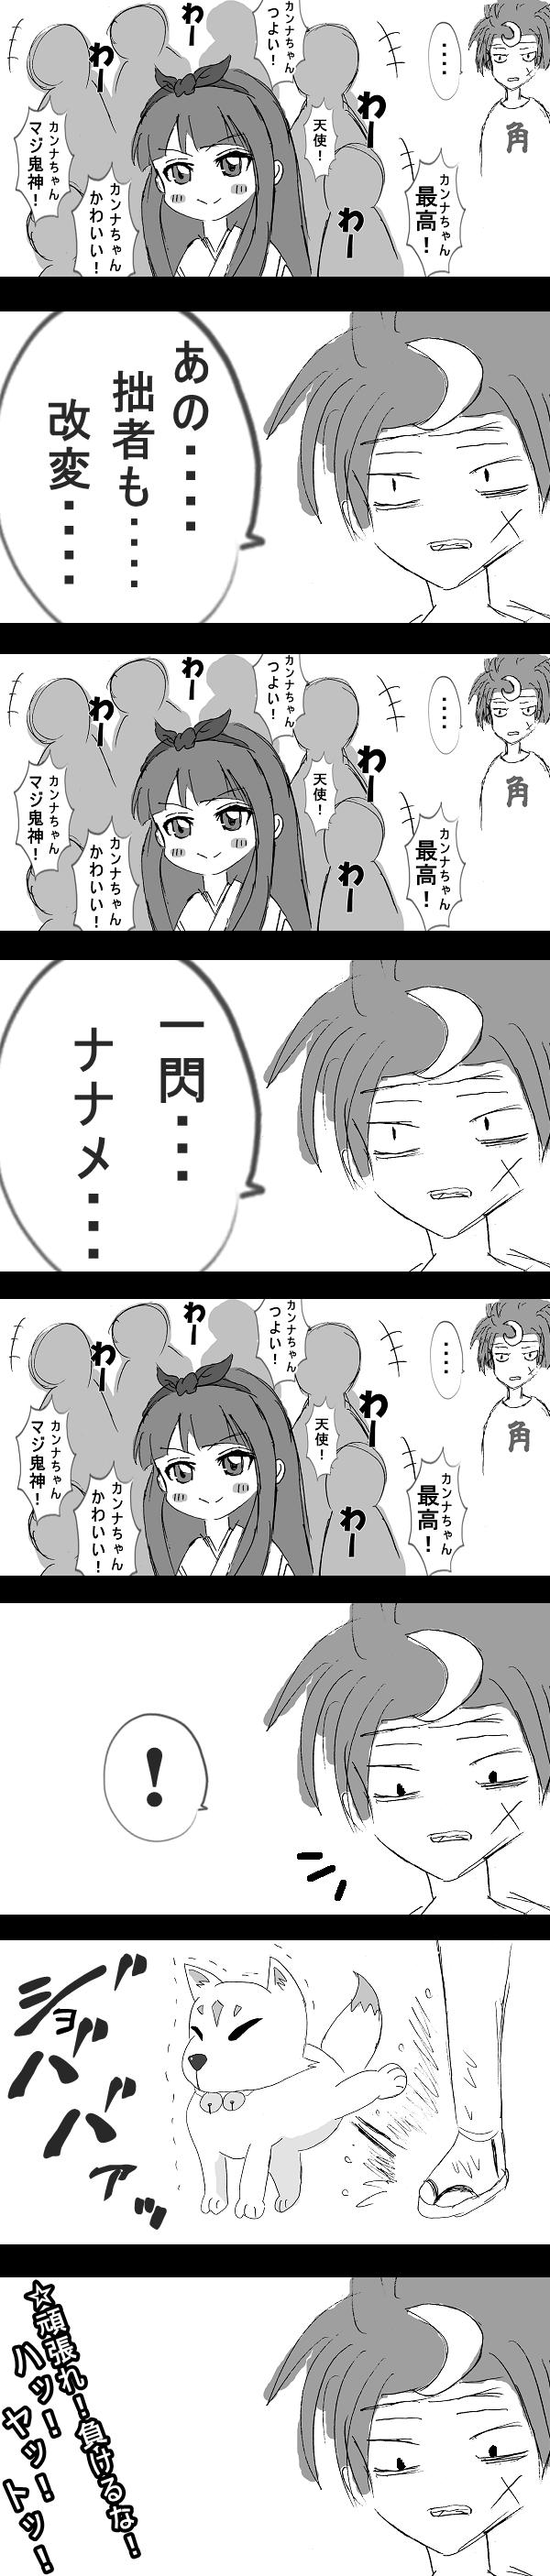 暁の陣改変漫画